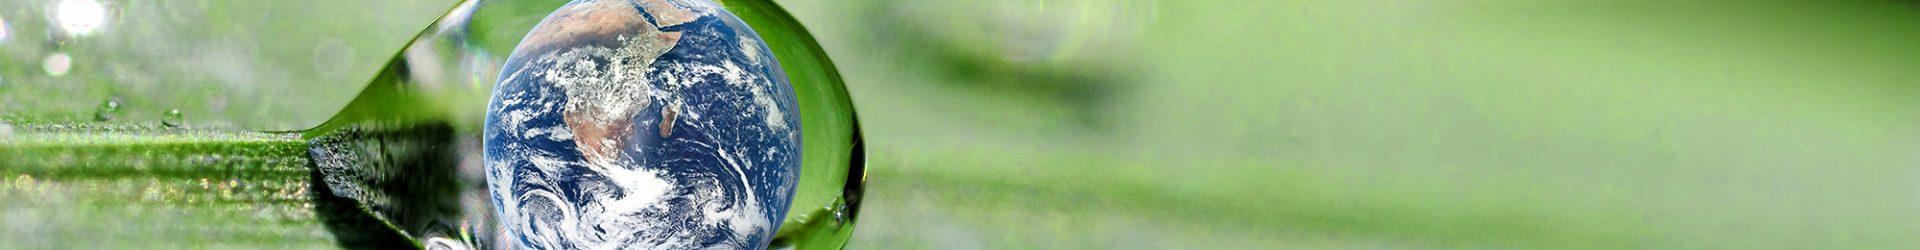 O compartilhamento verde